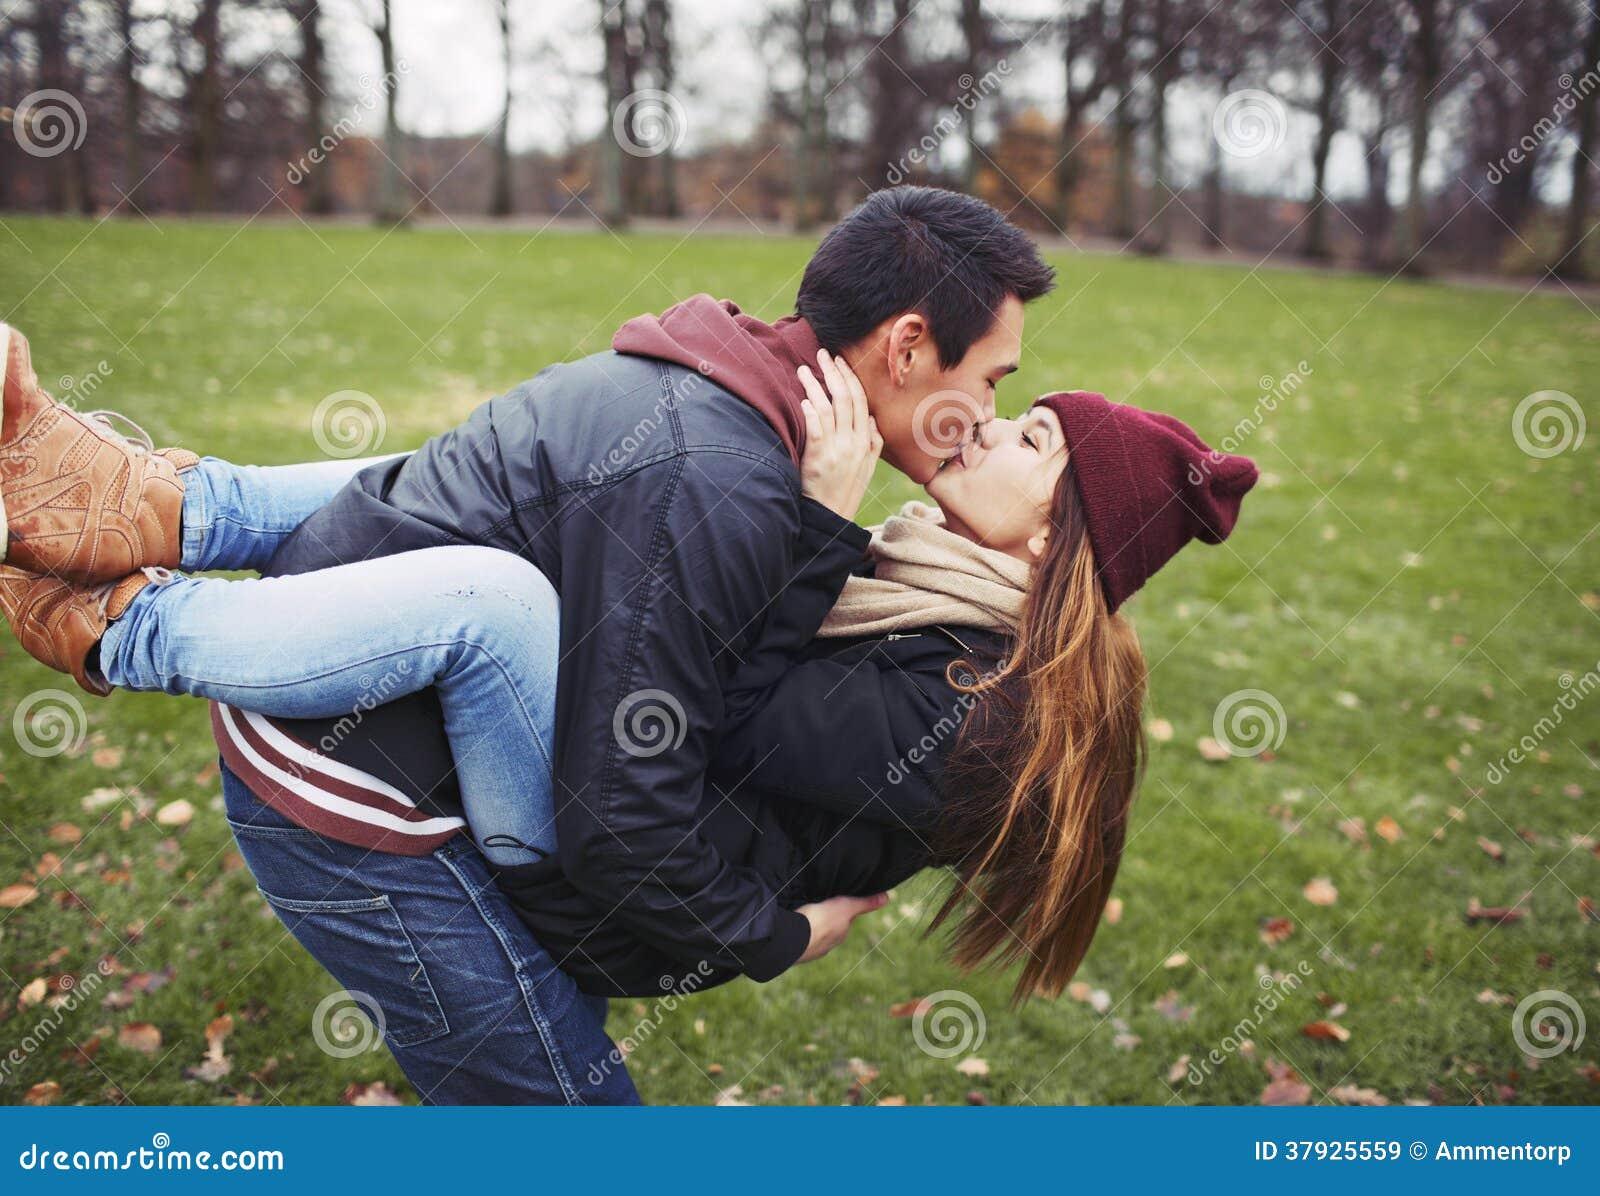 Süße Junge Paare, Die Einen Kuss Während Auf Einem Datum